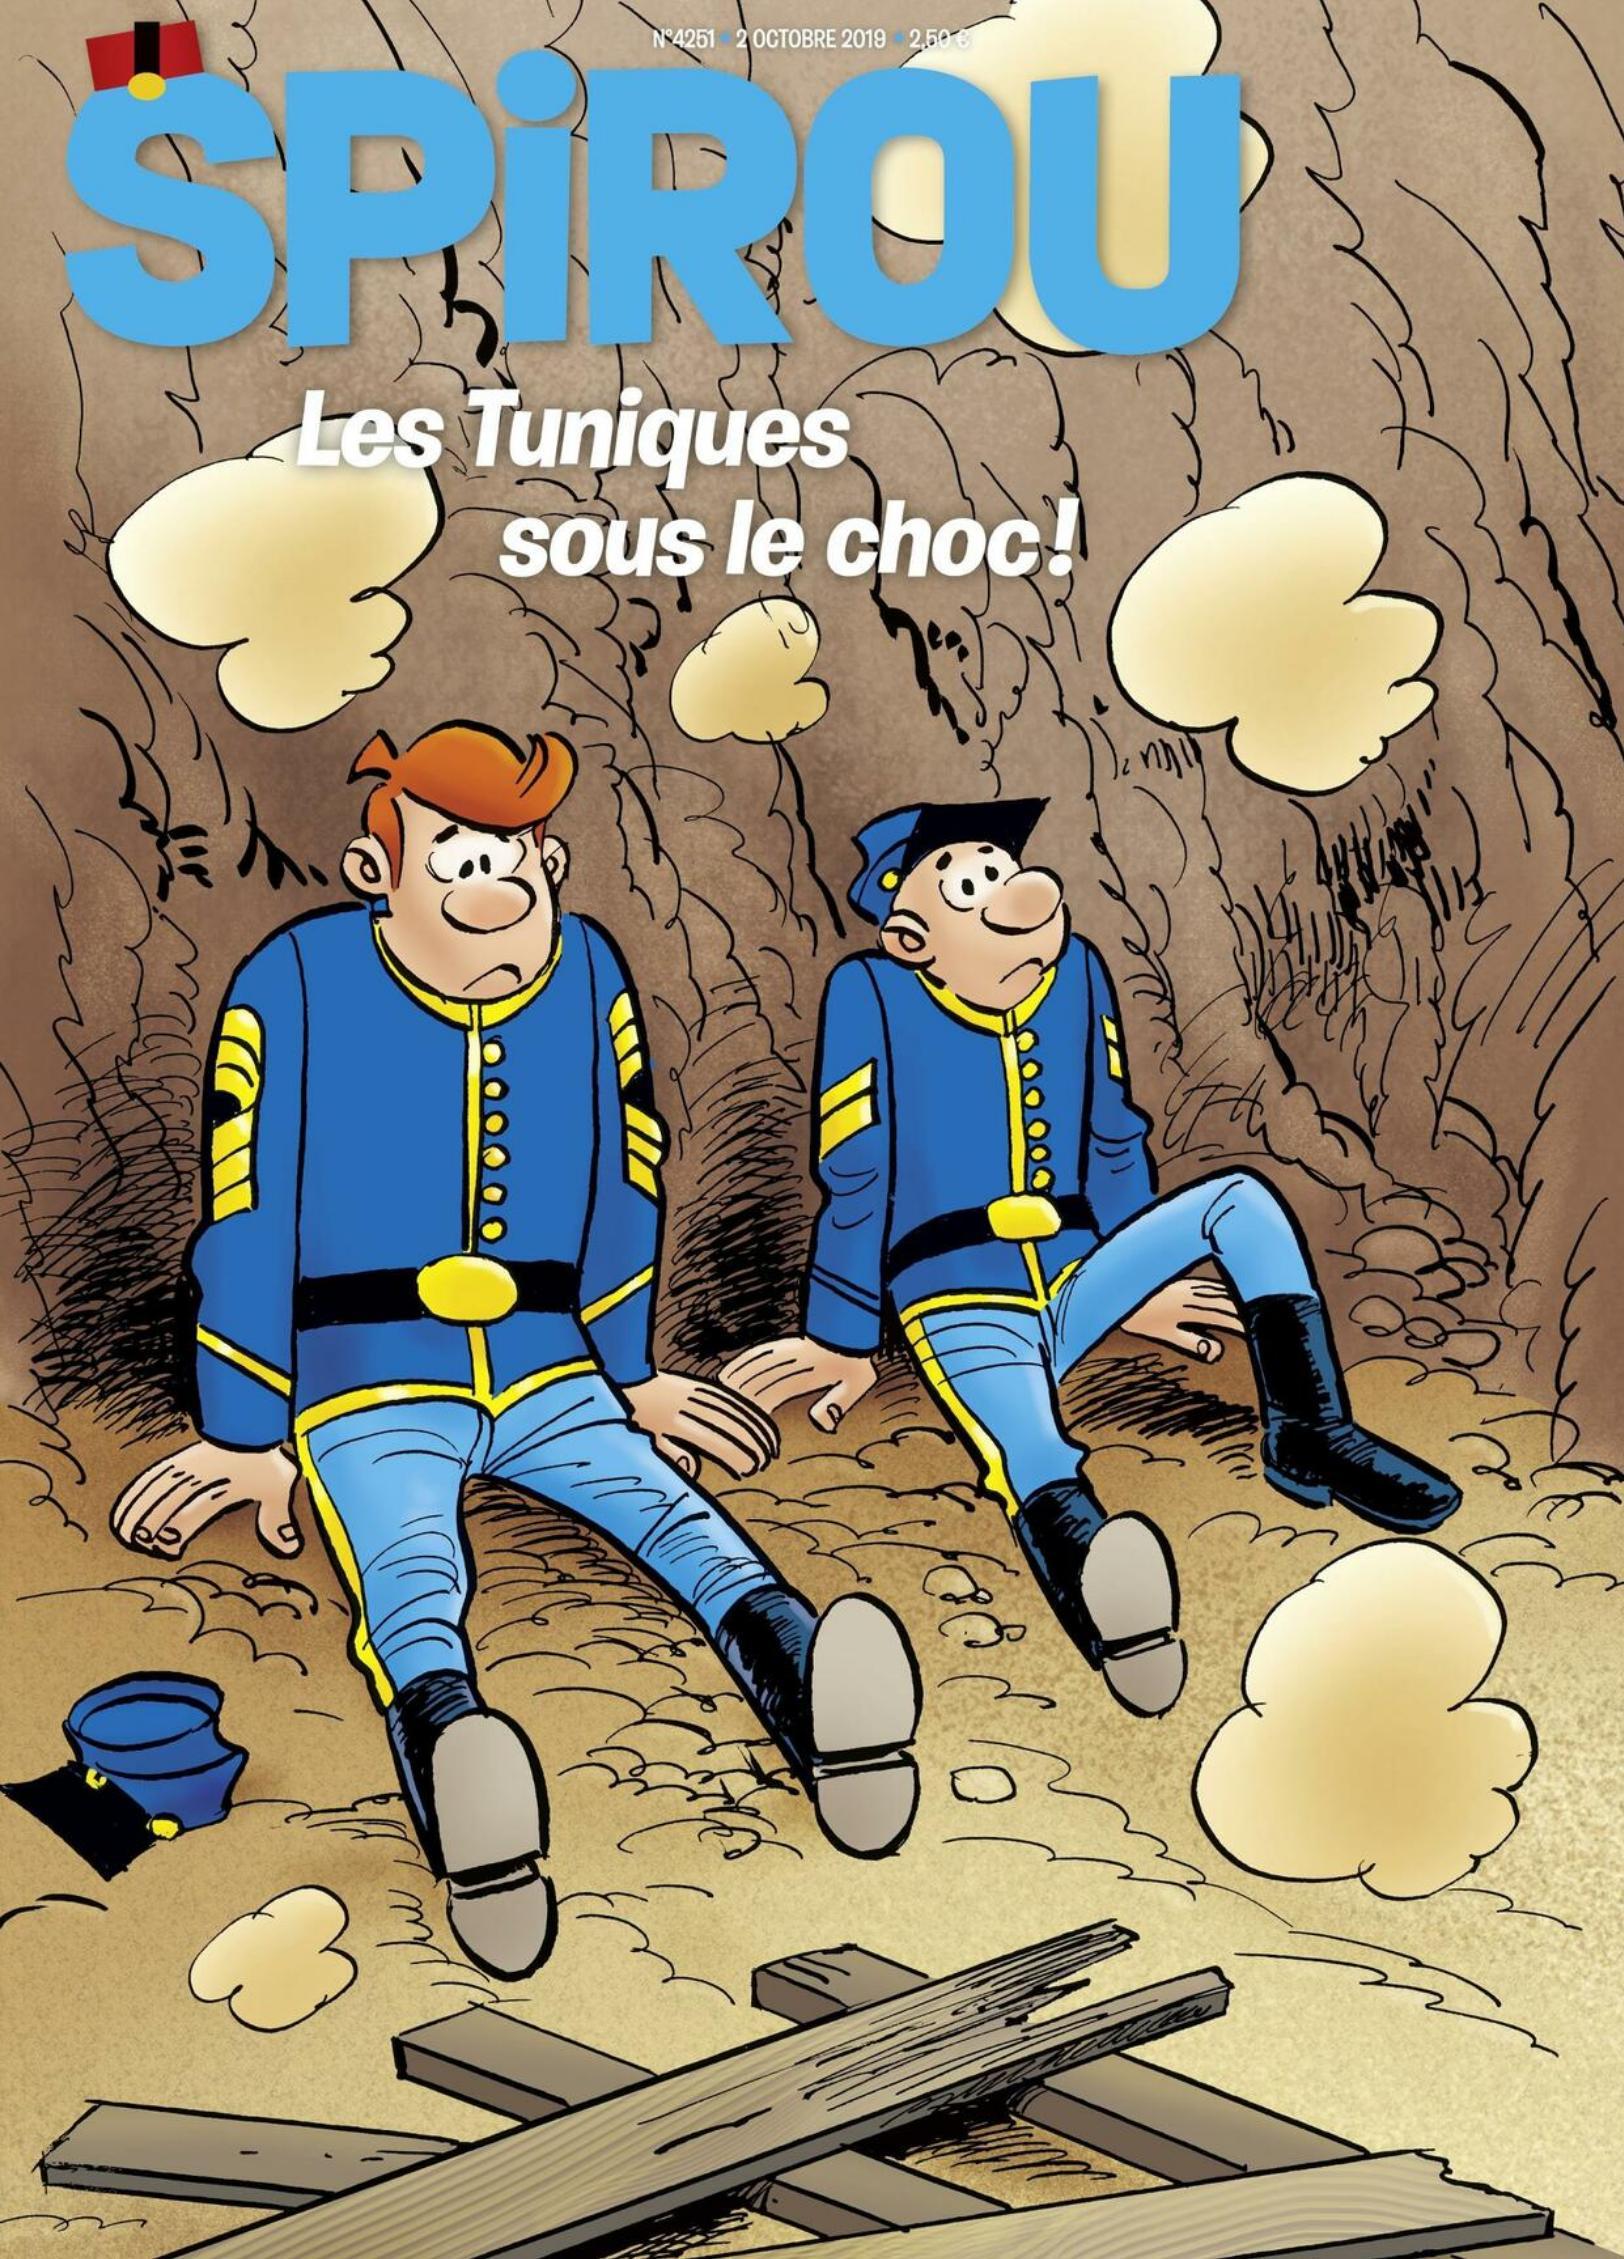 Couverture du journal de Spirou du 2 octobre 2019, annonçant le début de la prépublication.